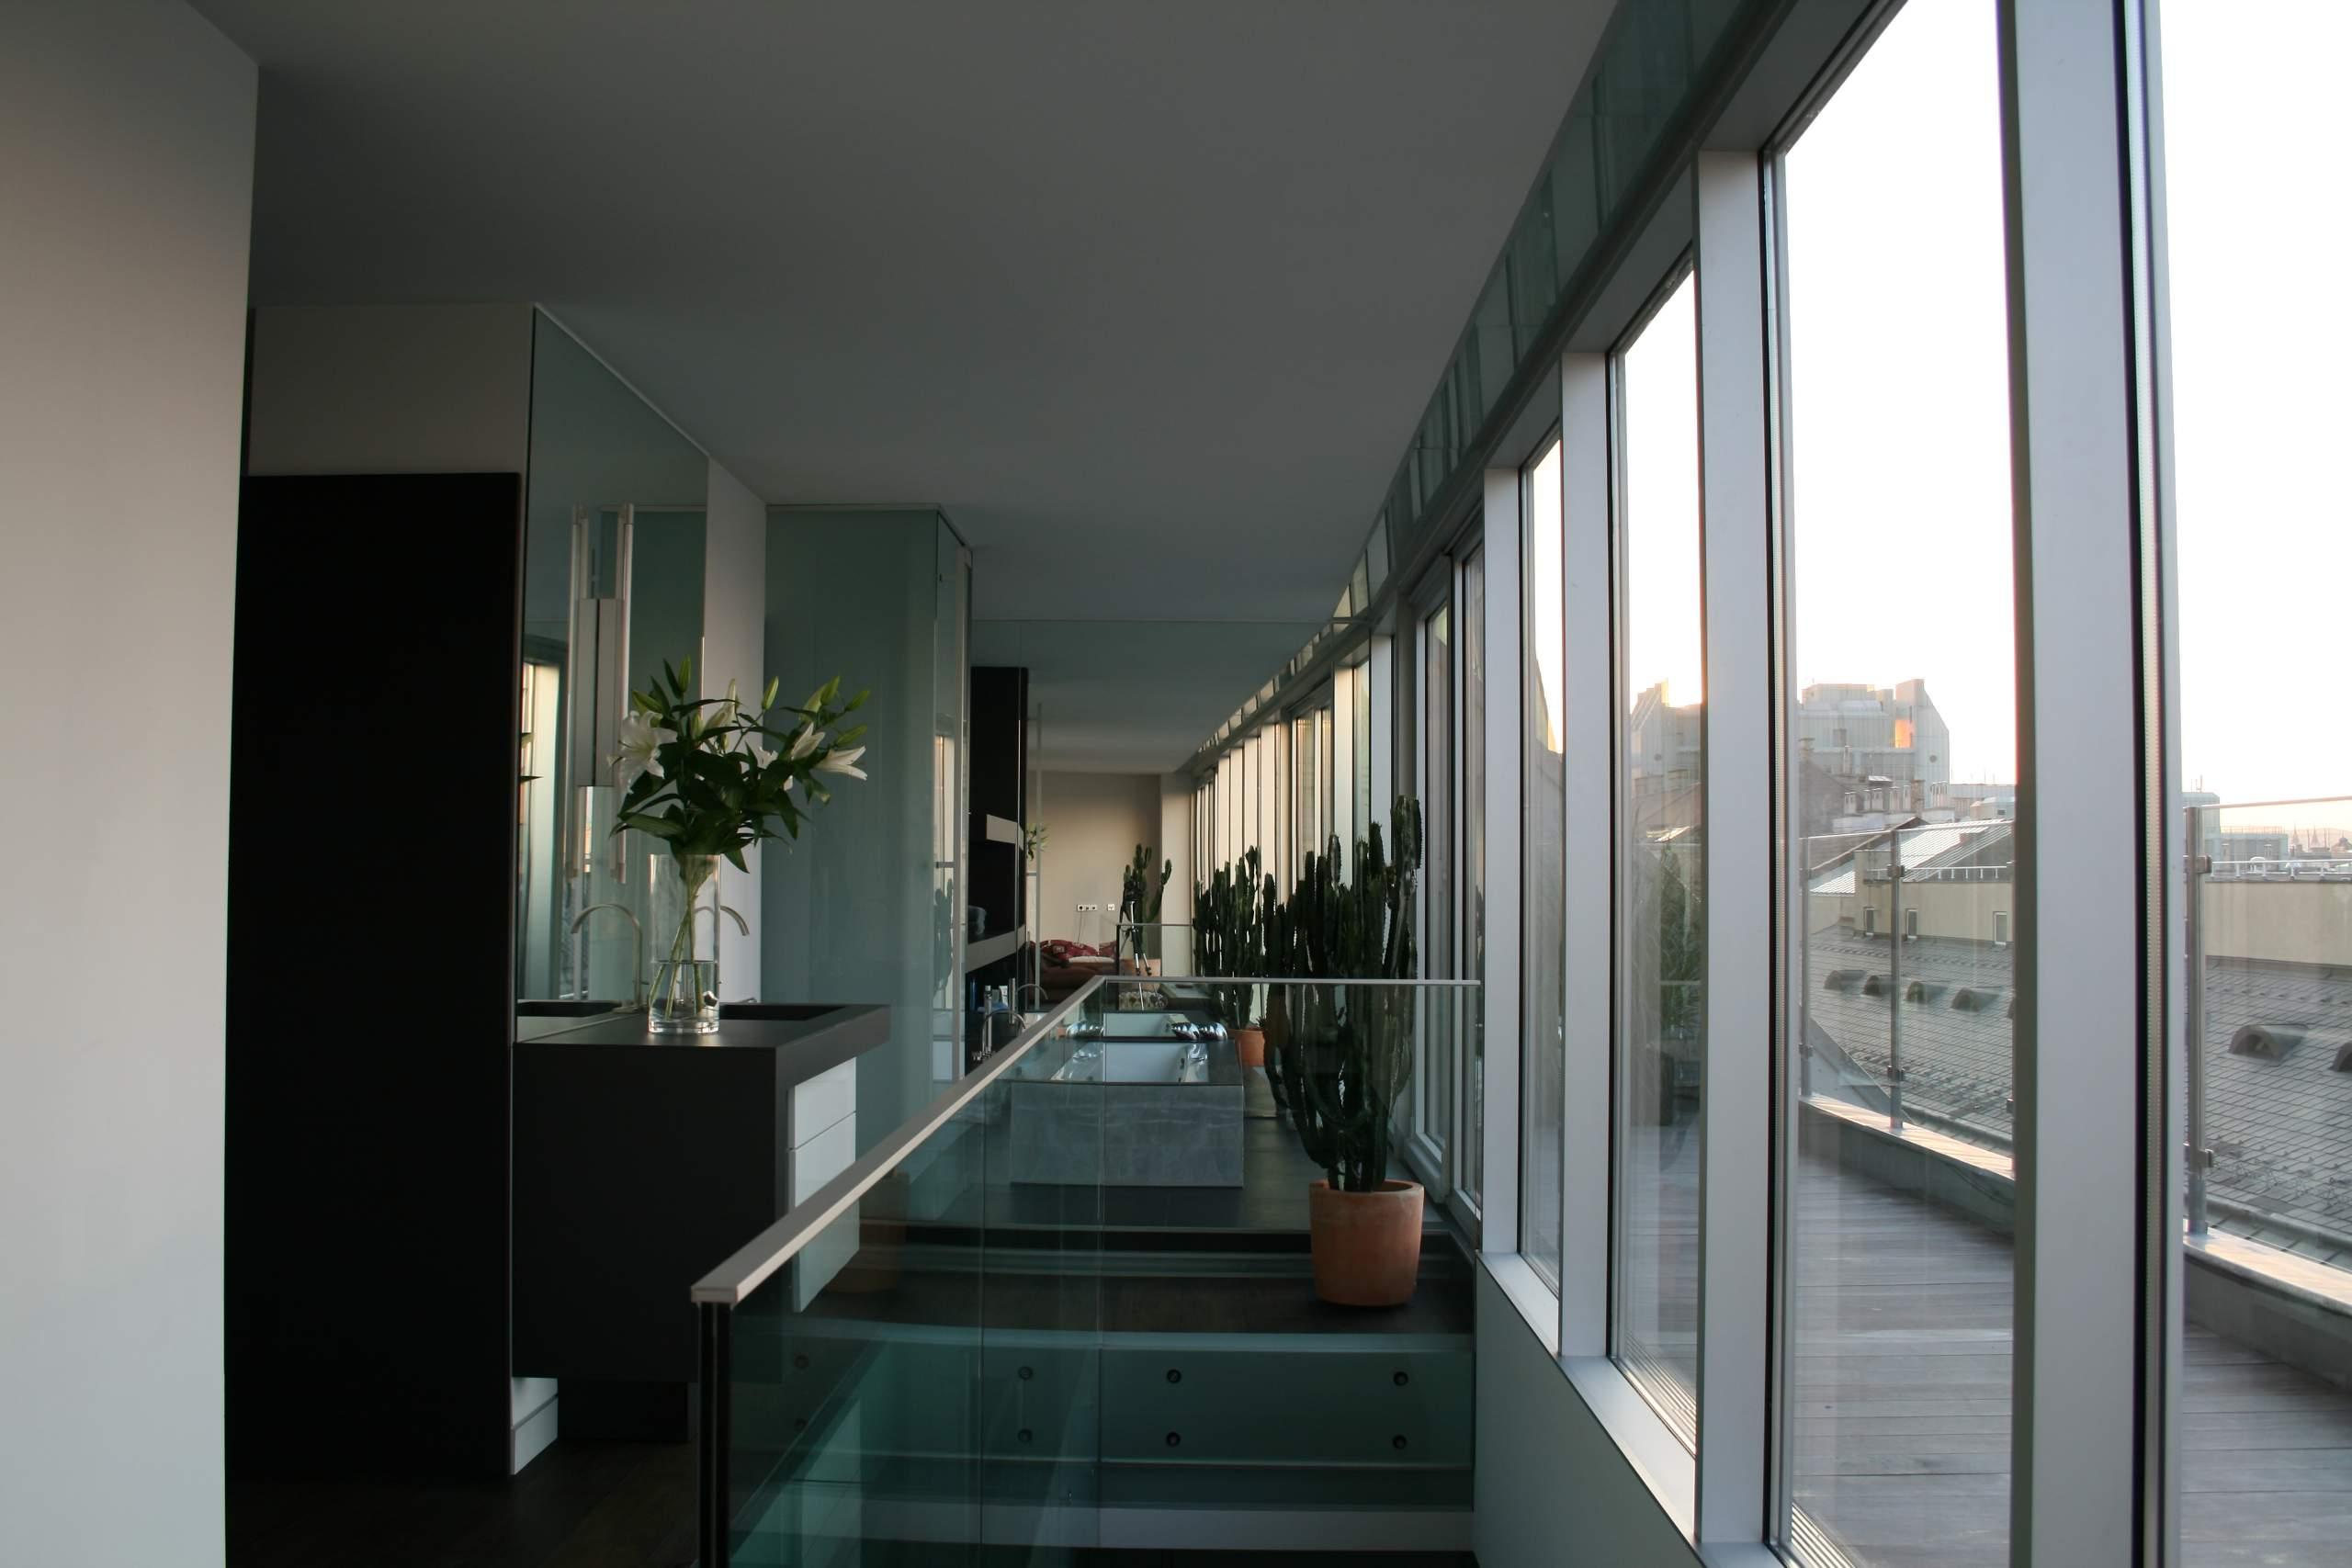 liegler takeh architekten projekt paniglgasse t12 04 2560 liegler takeh architekten. Black Bedroom Furniture Sets. Home Design Ideas